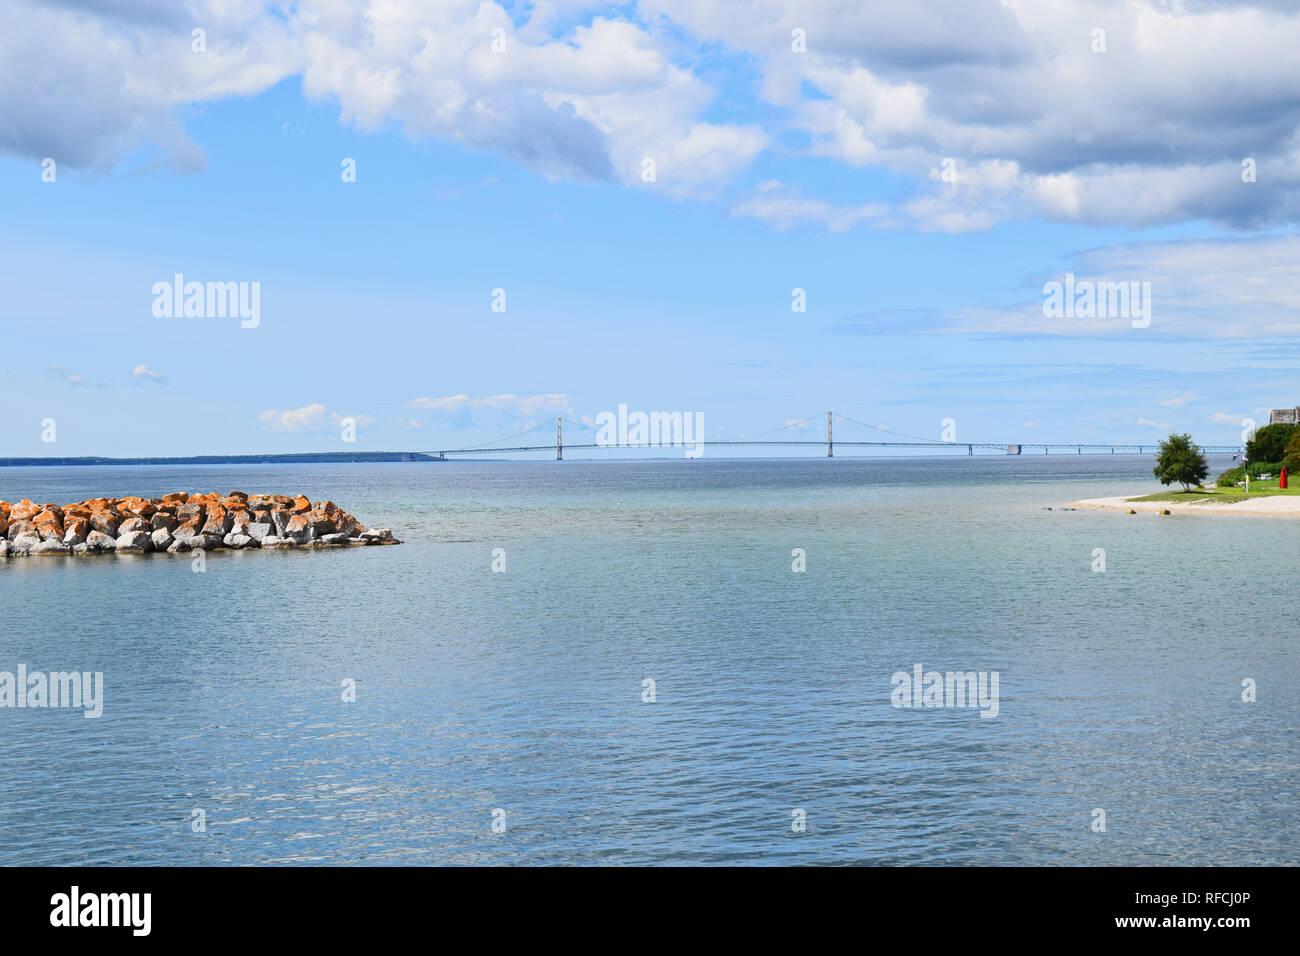 Lake Huron September 2016 - Stock Image